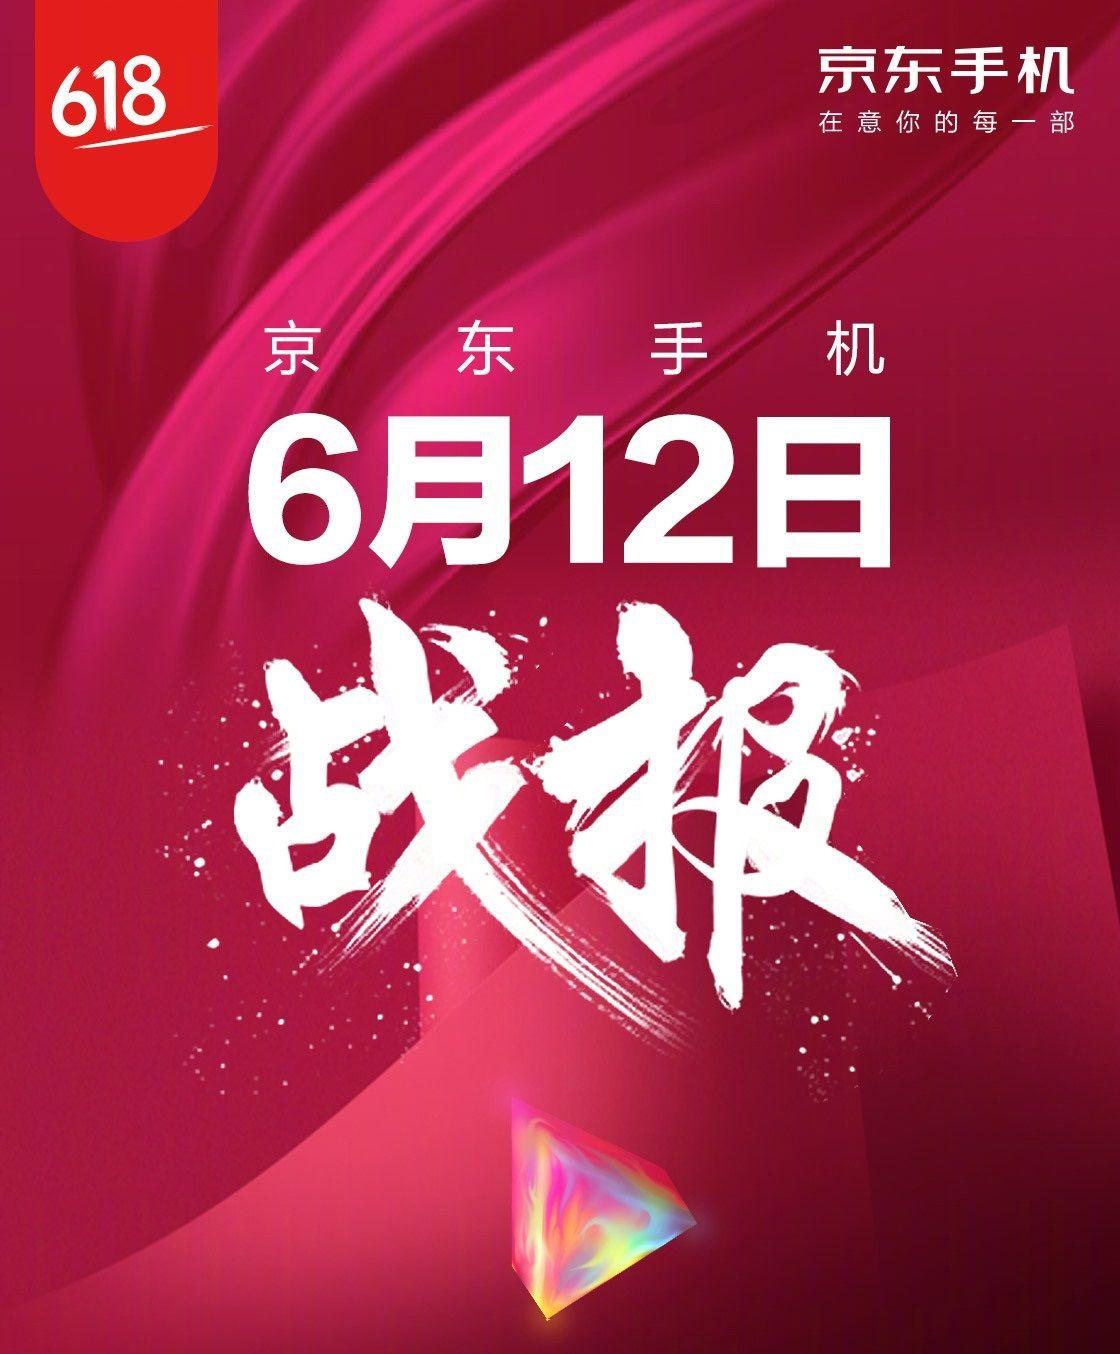 京東の「京東618(創業記念)セール」の12日目のランキングが公開。販売台数TOPはhonor